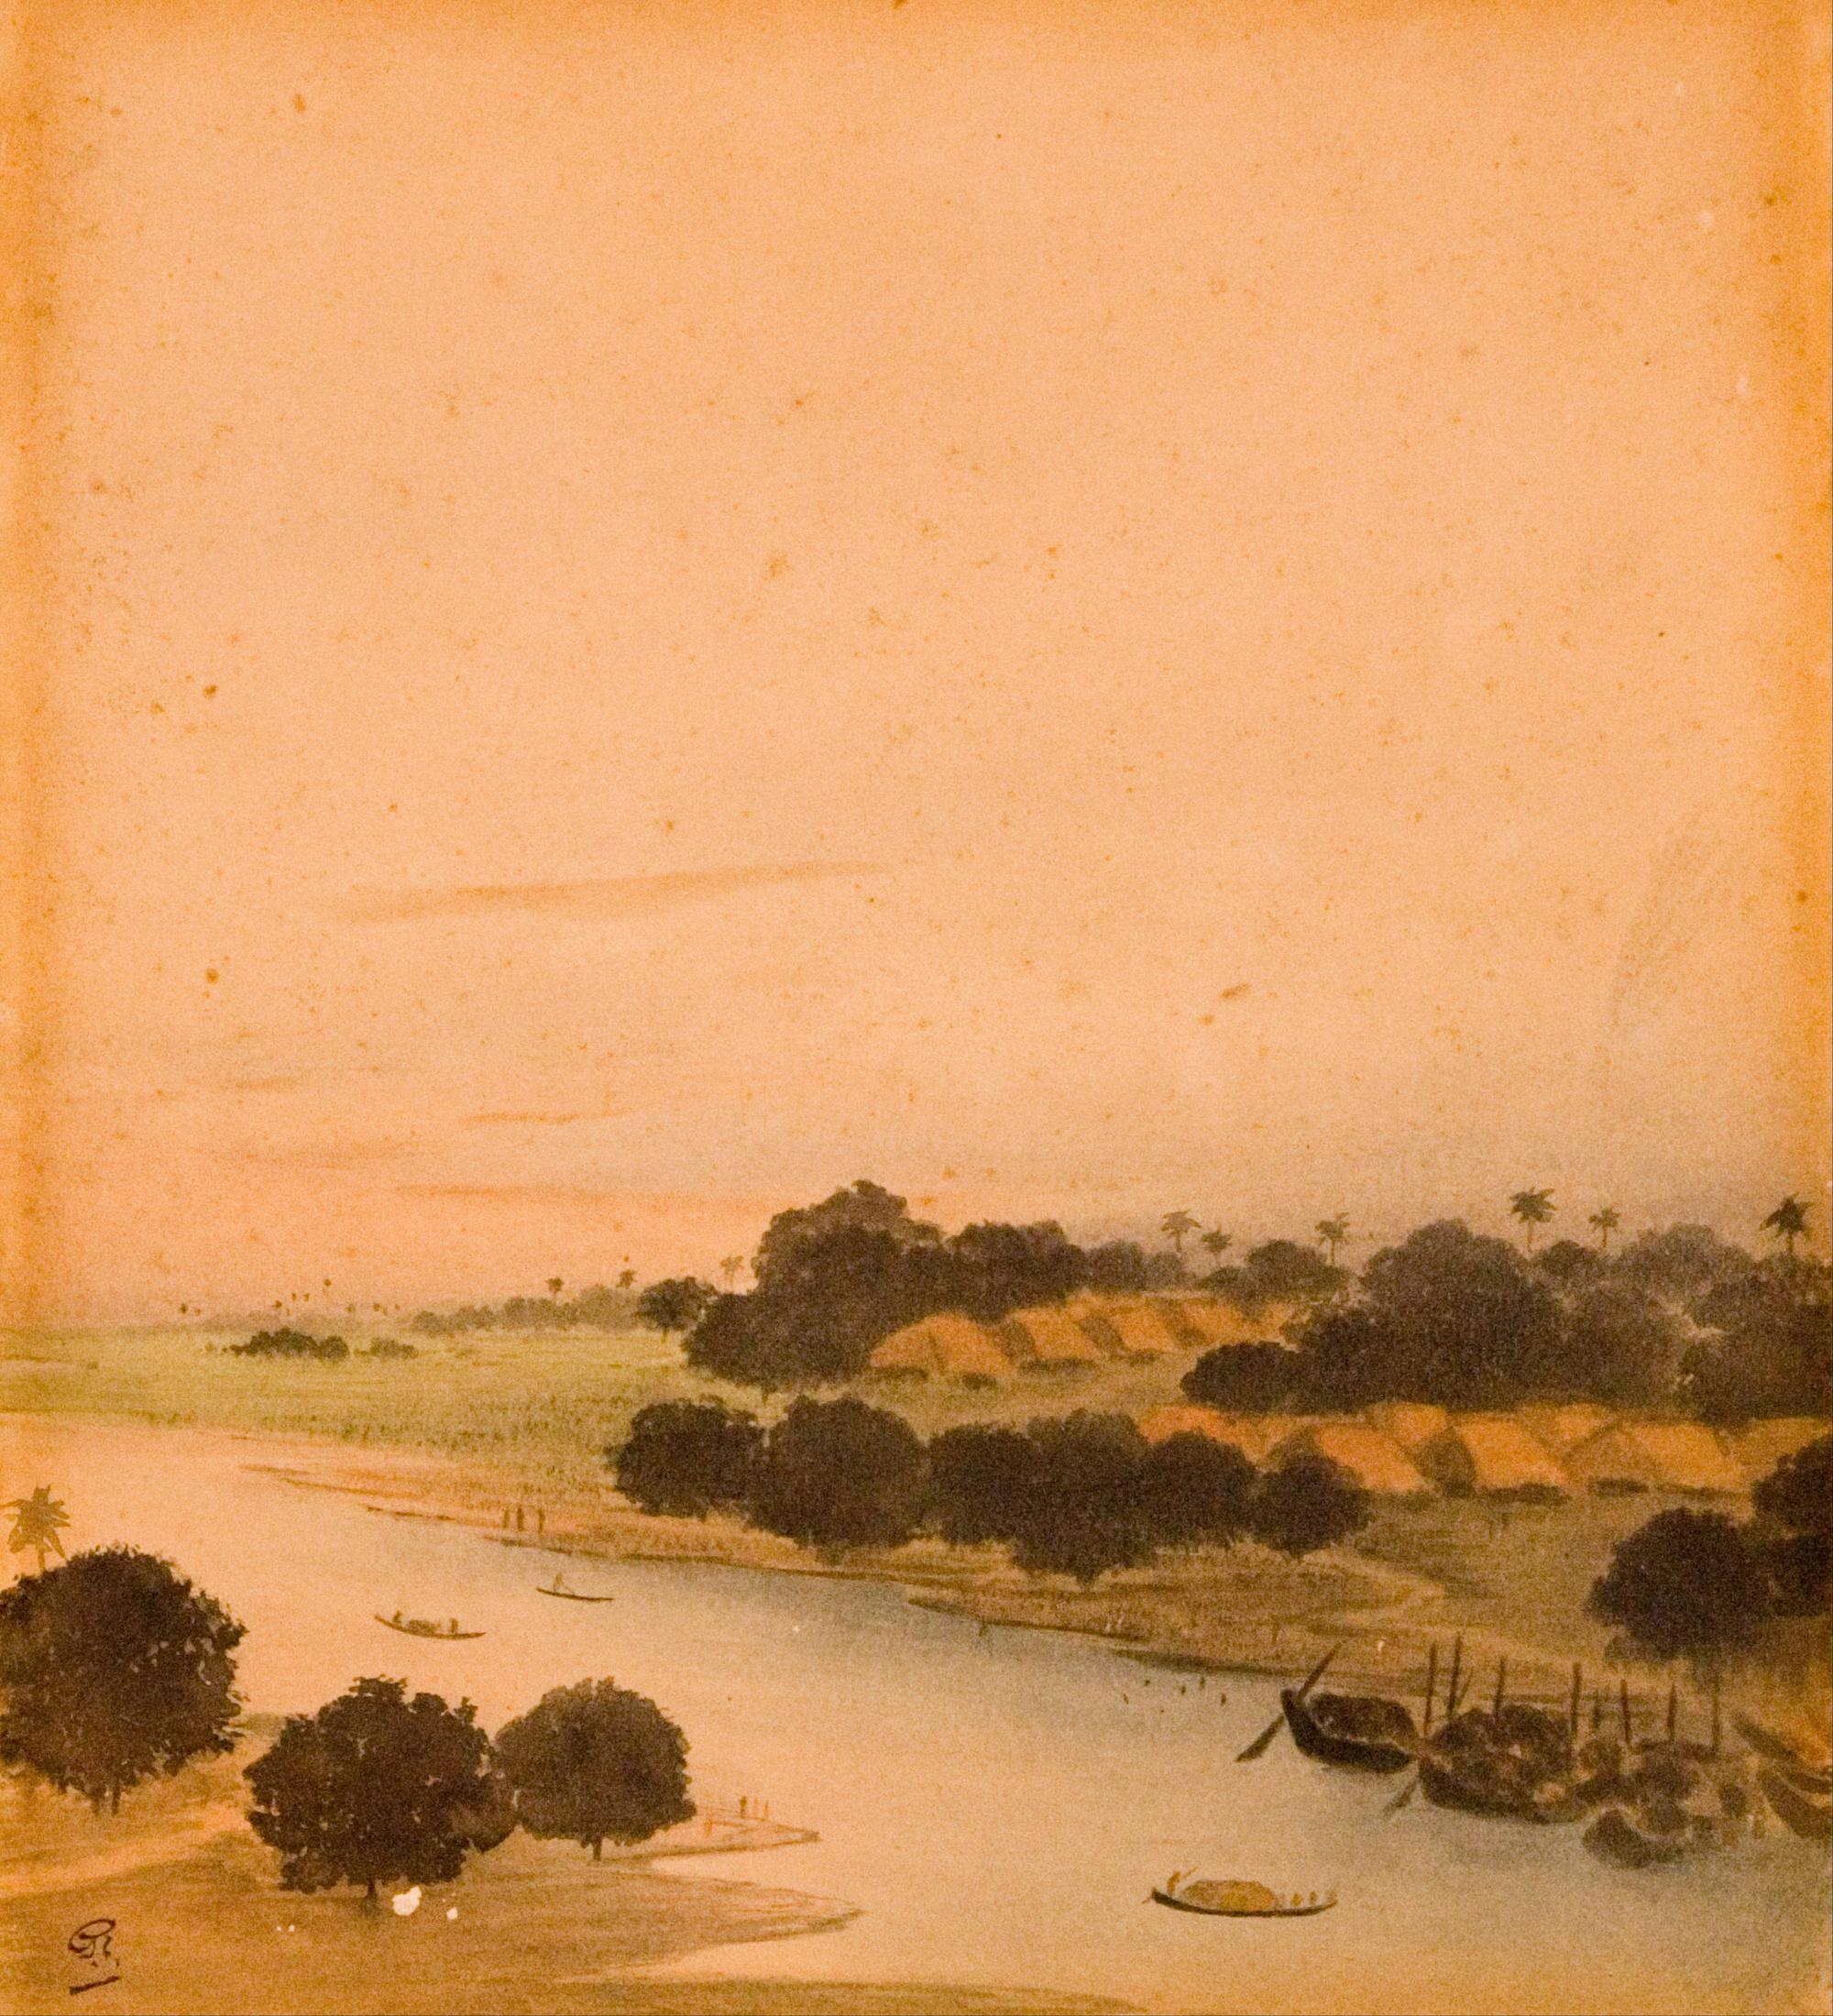 Gaganendranath Tagore, River_View, 1905-1915